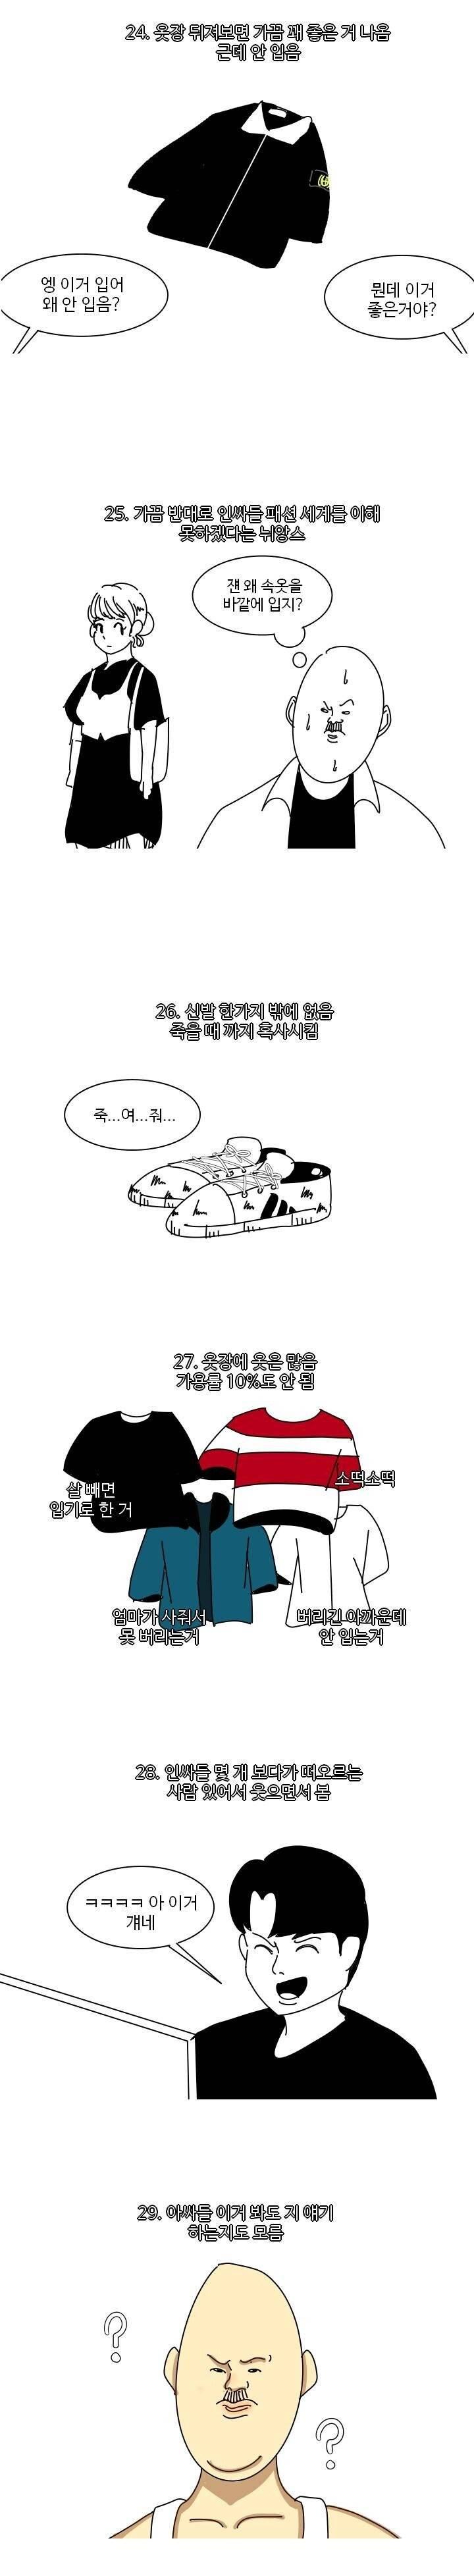 인기없는 아싸들의 패션 세계 특징.jpg | 인스티즈